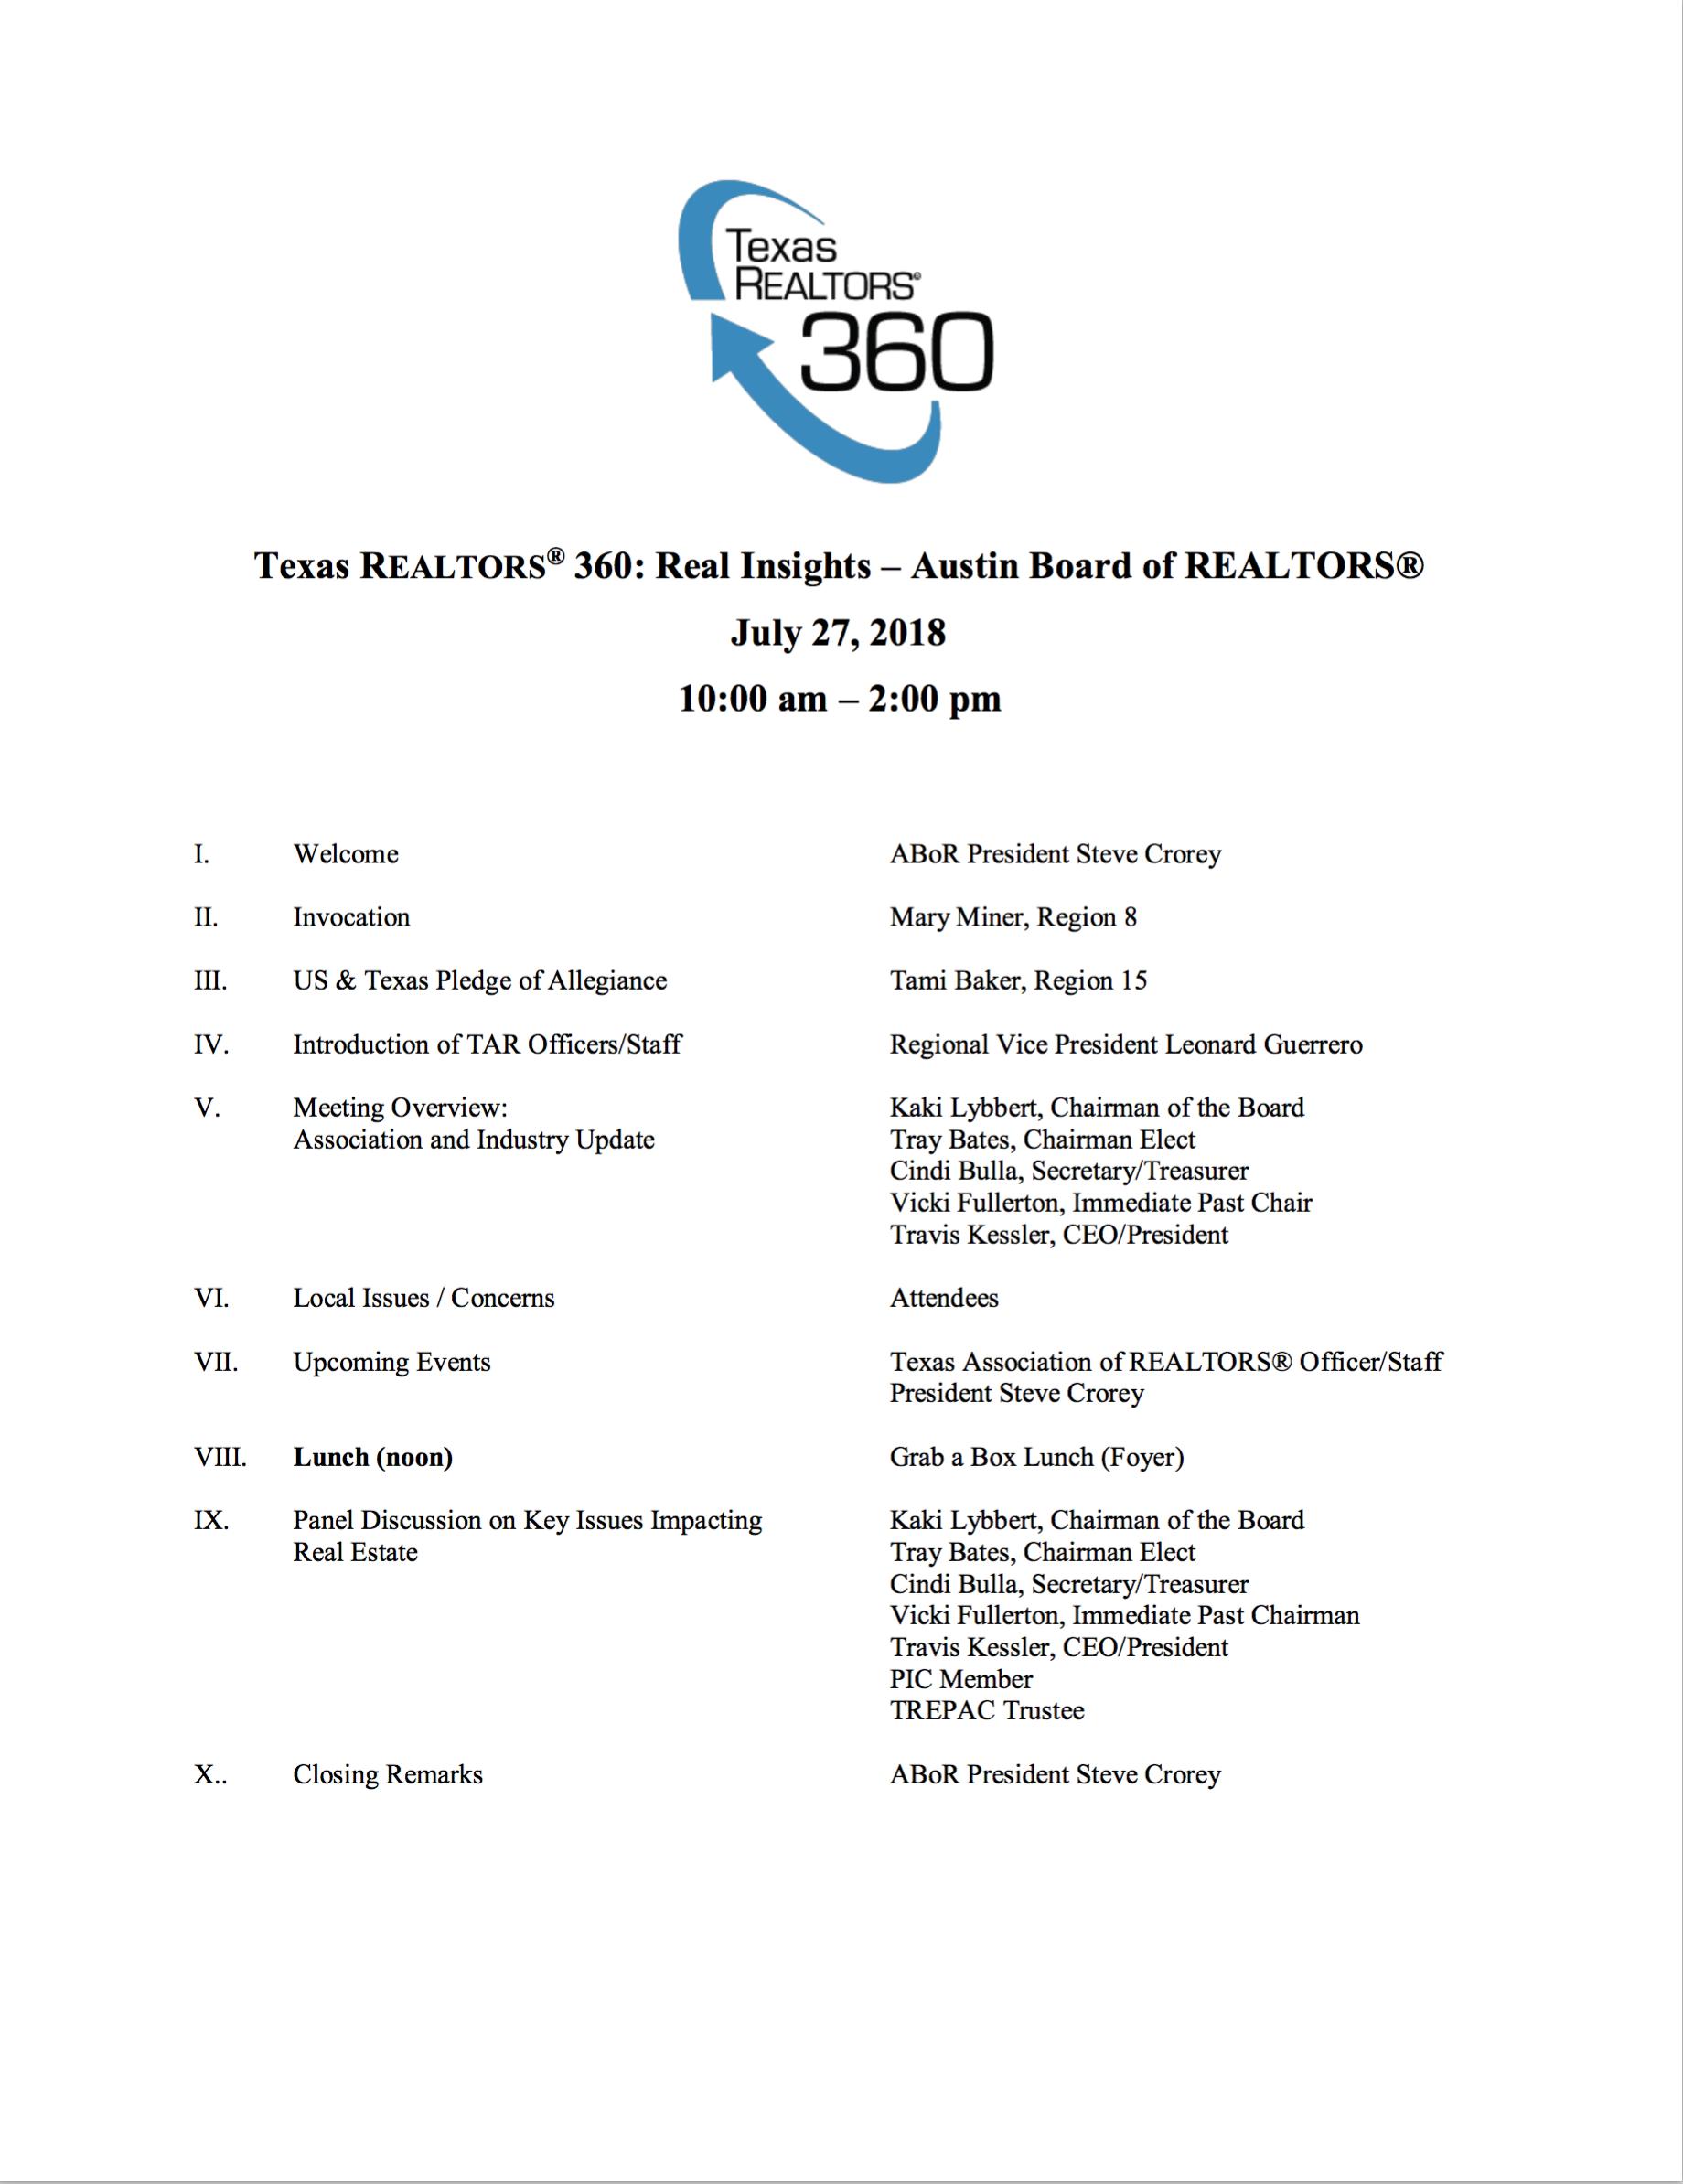 2018 Texas REALTORS® 360 Meeting Agenda